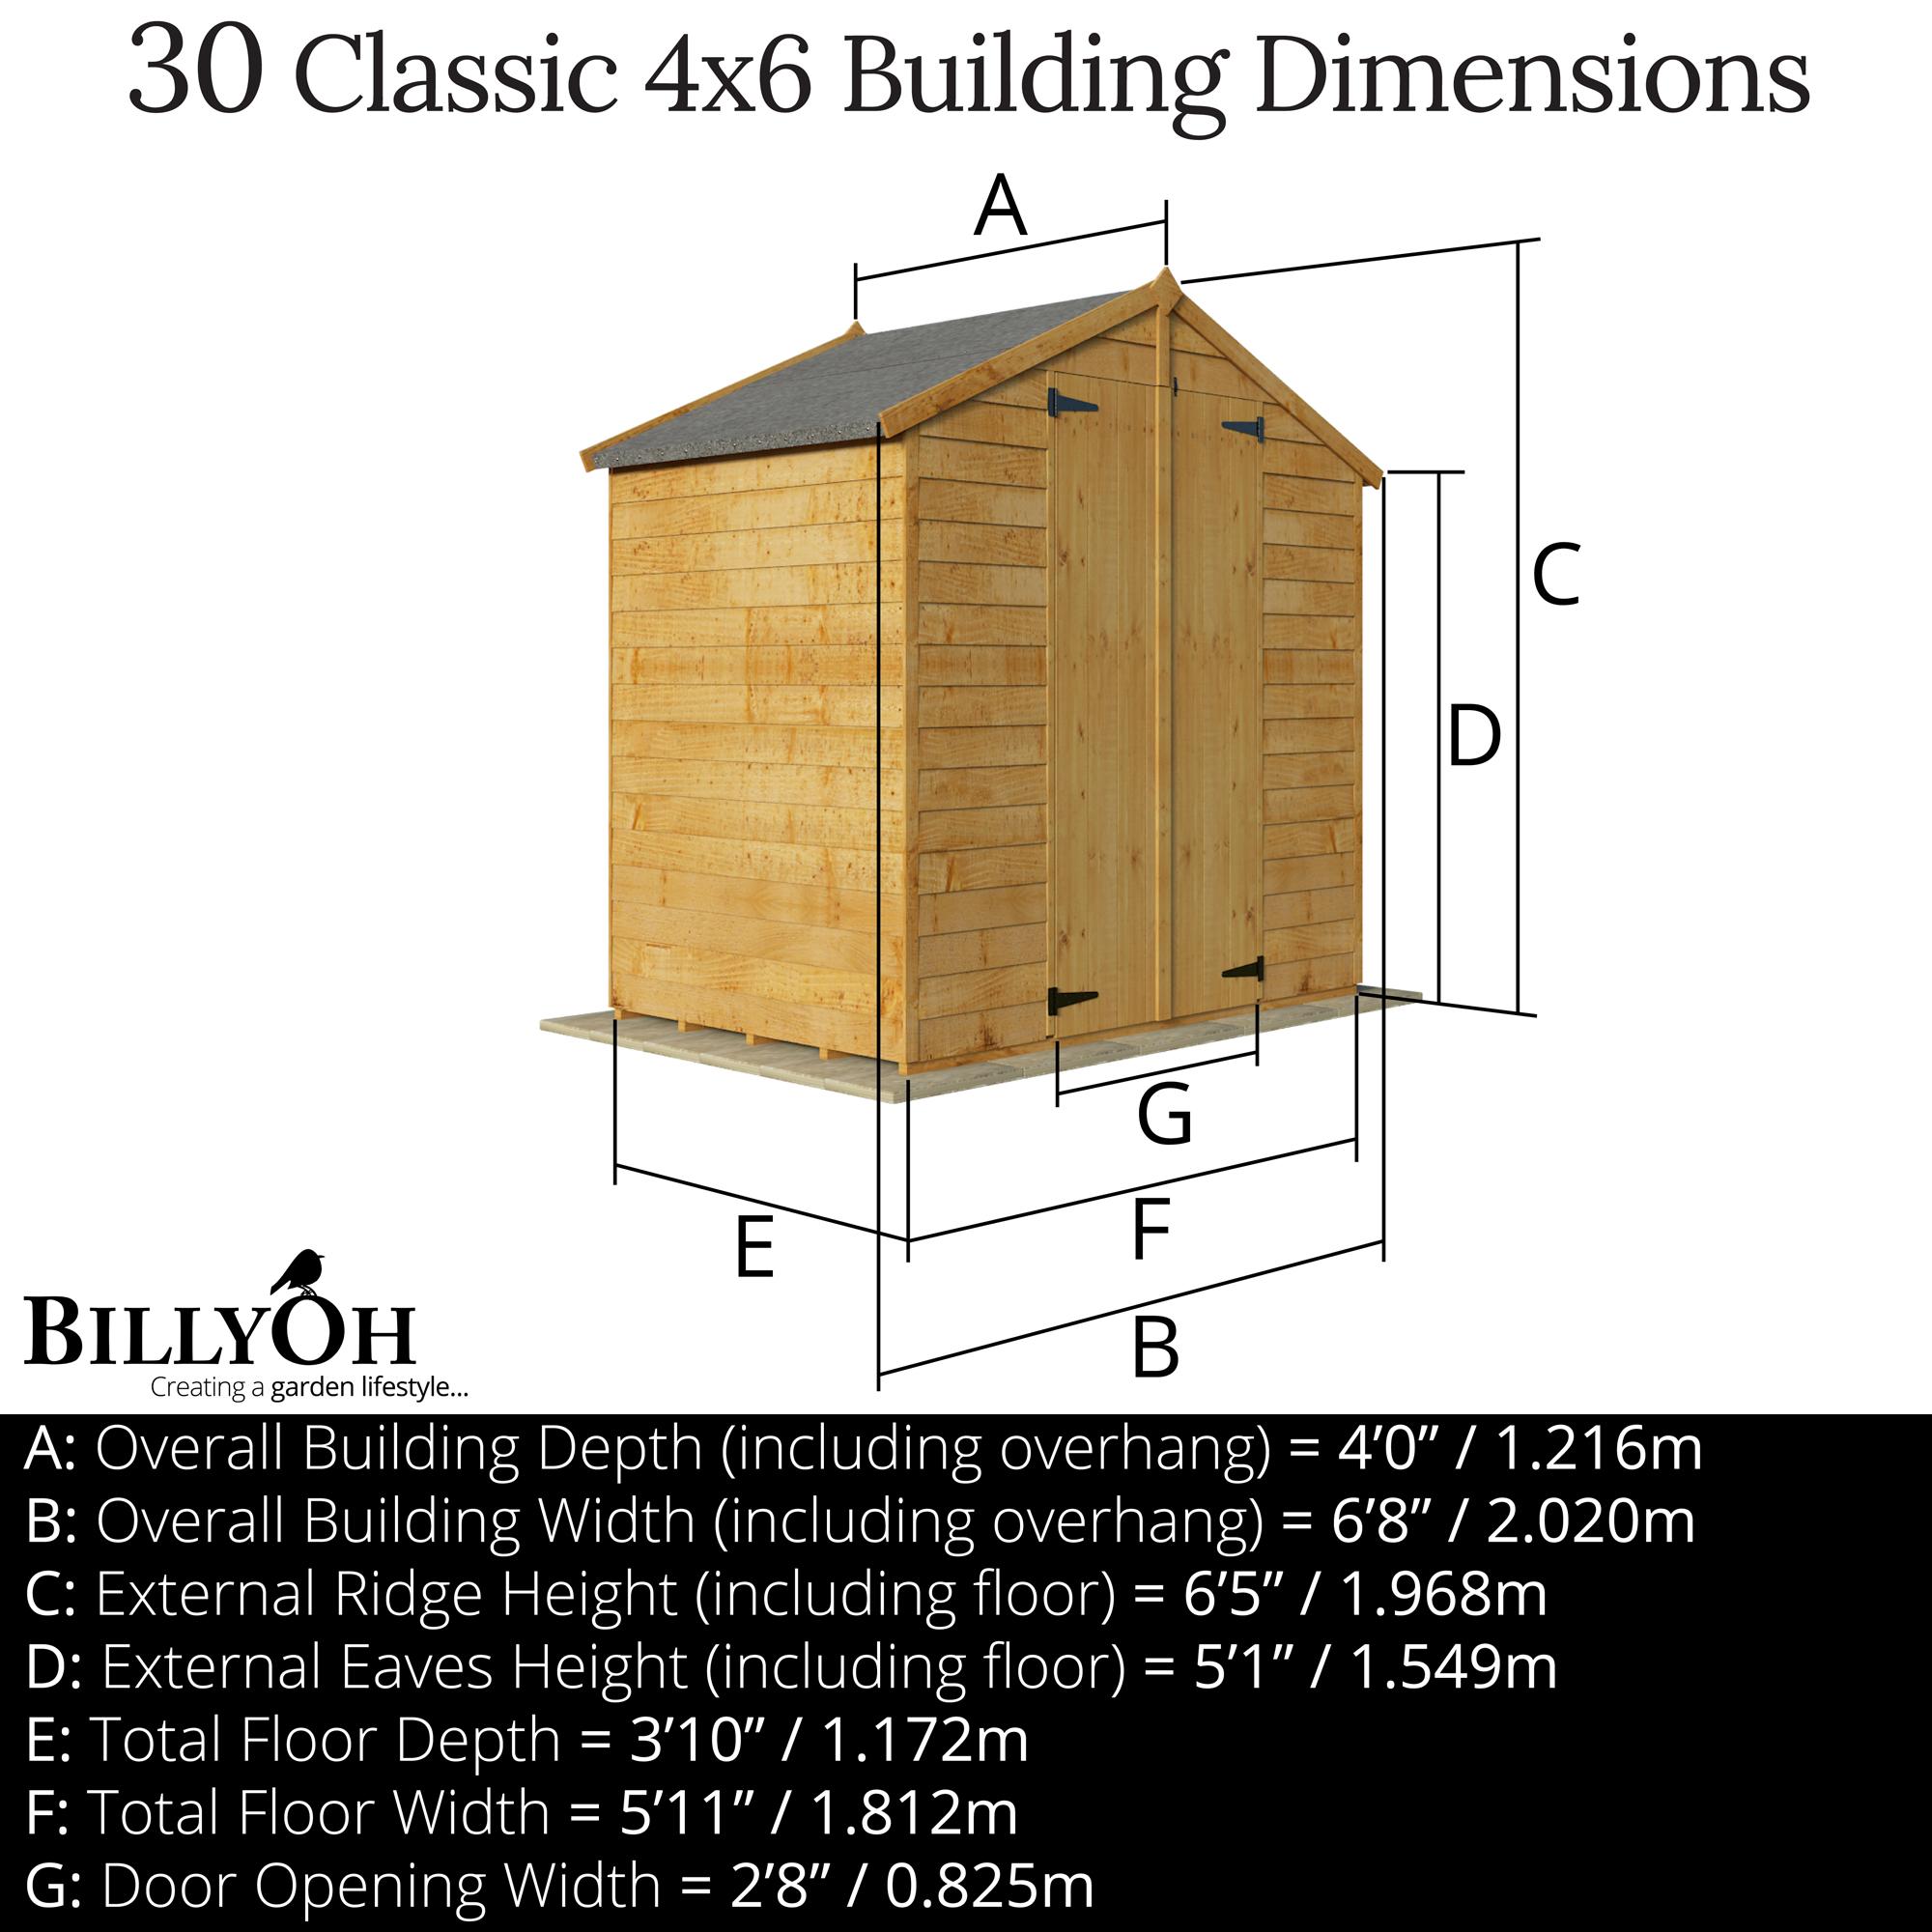 4x6 - 30 OL Bike Store